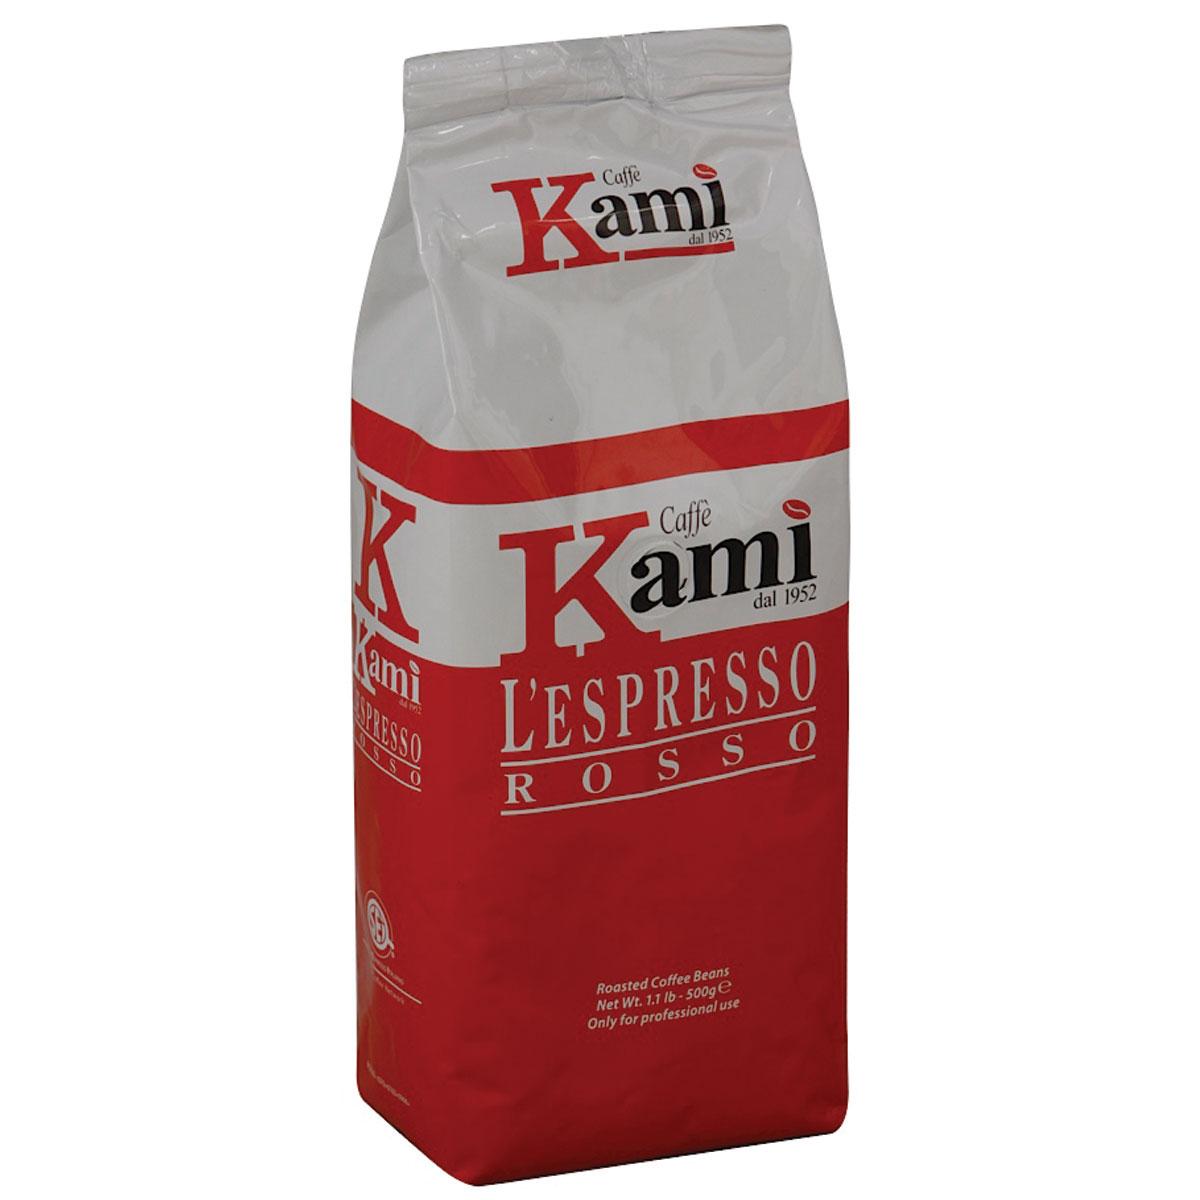 Kami Rosso кофе в зернах, 500 г8033300583029